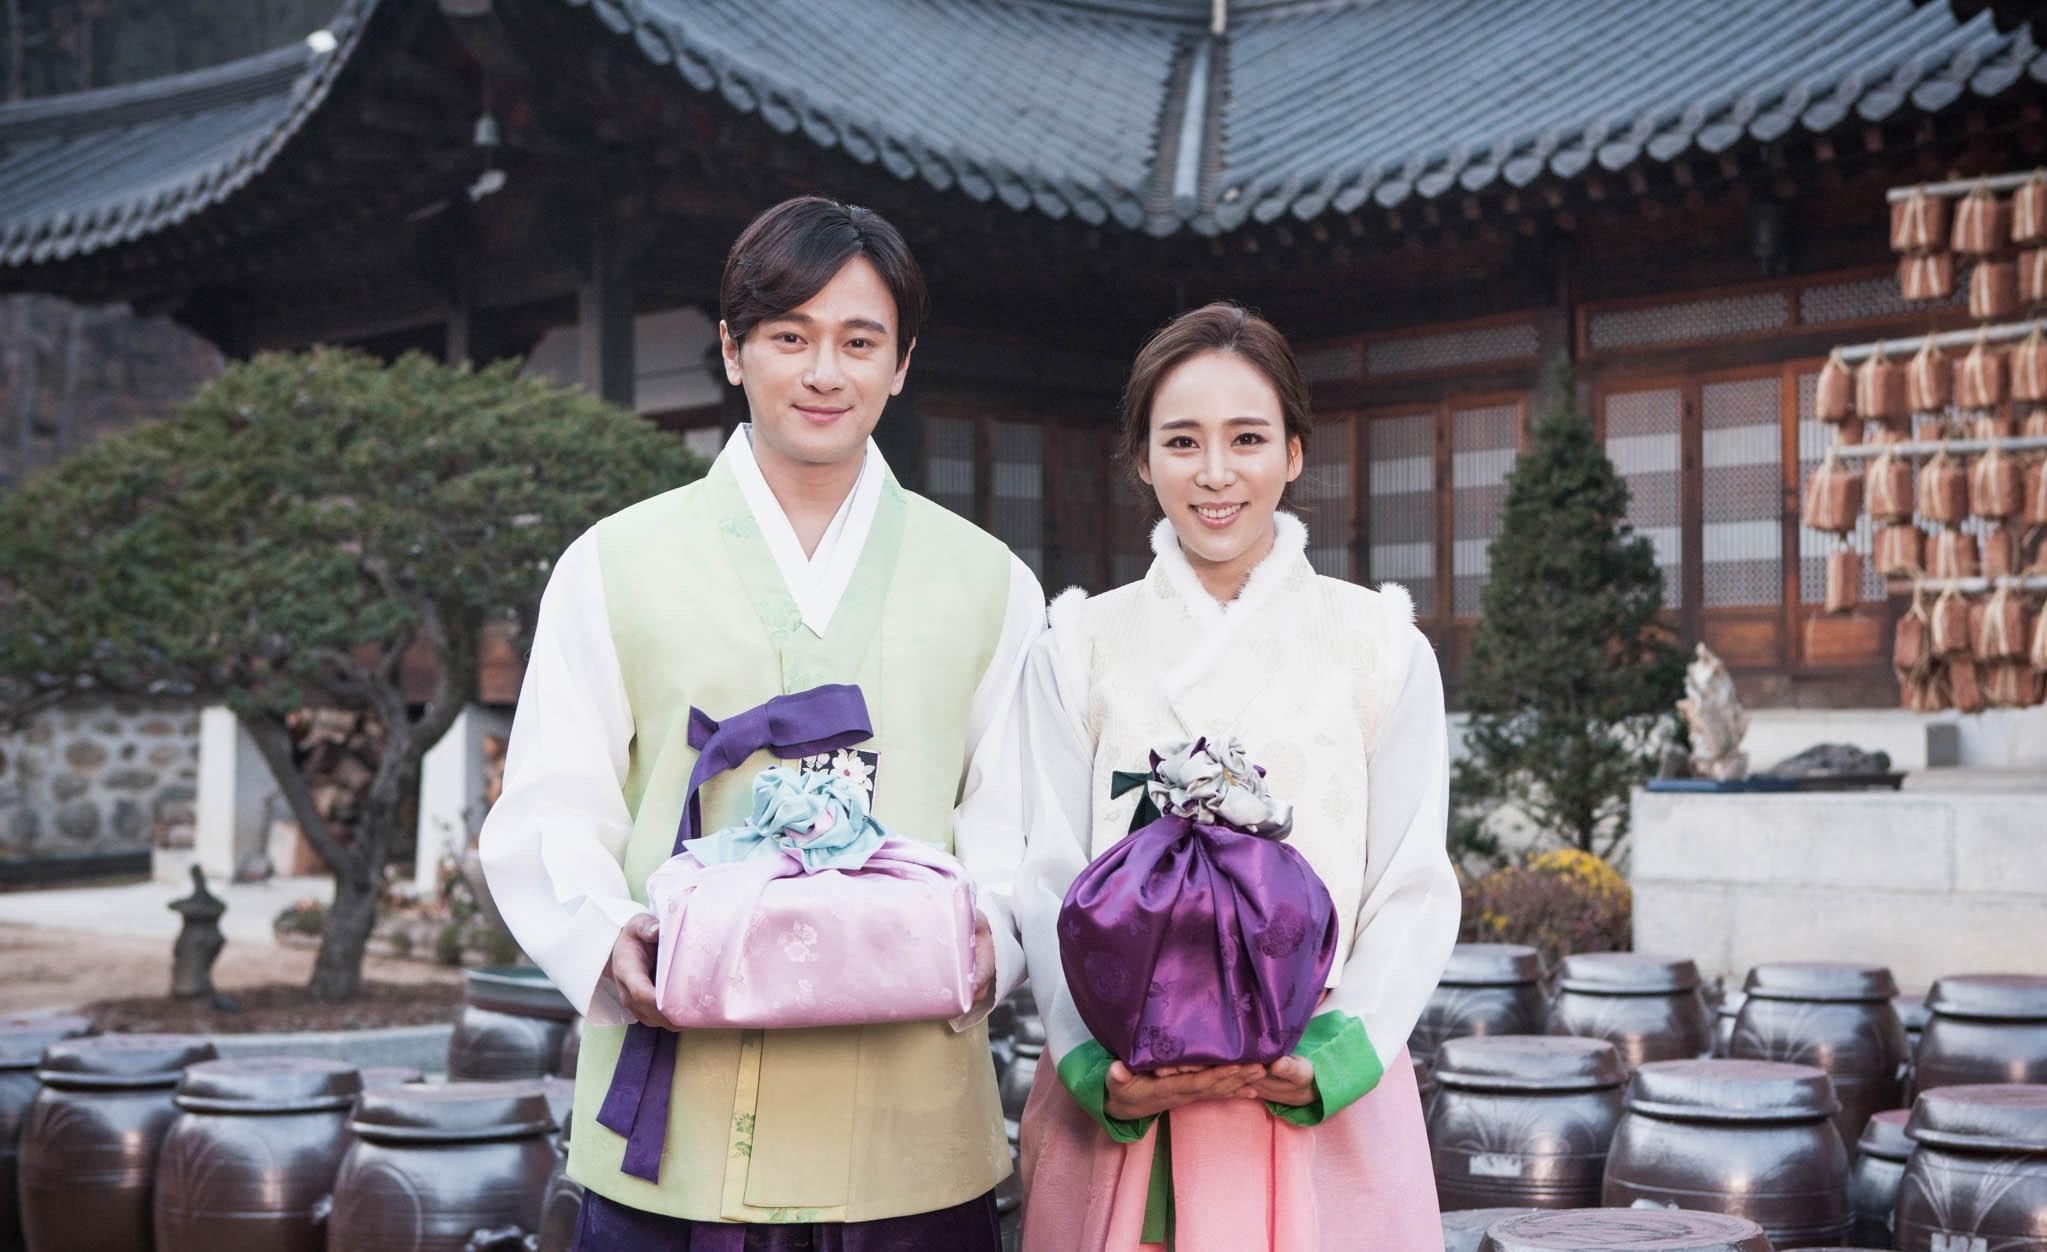 Cẩm nang hữu ích dành cho những ai đi du lịch Hàn Quốc vào dịp Tết